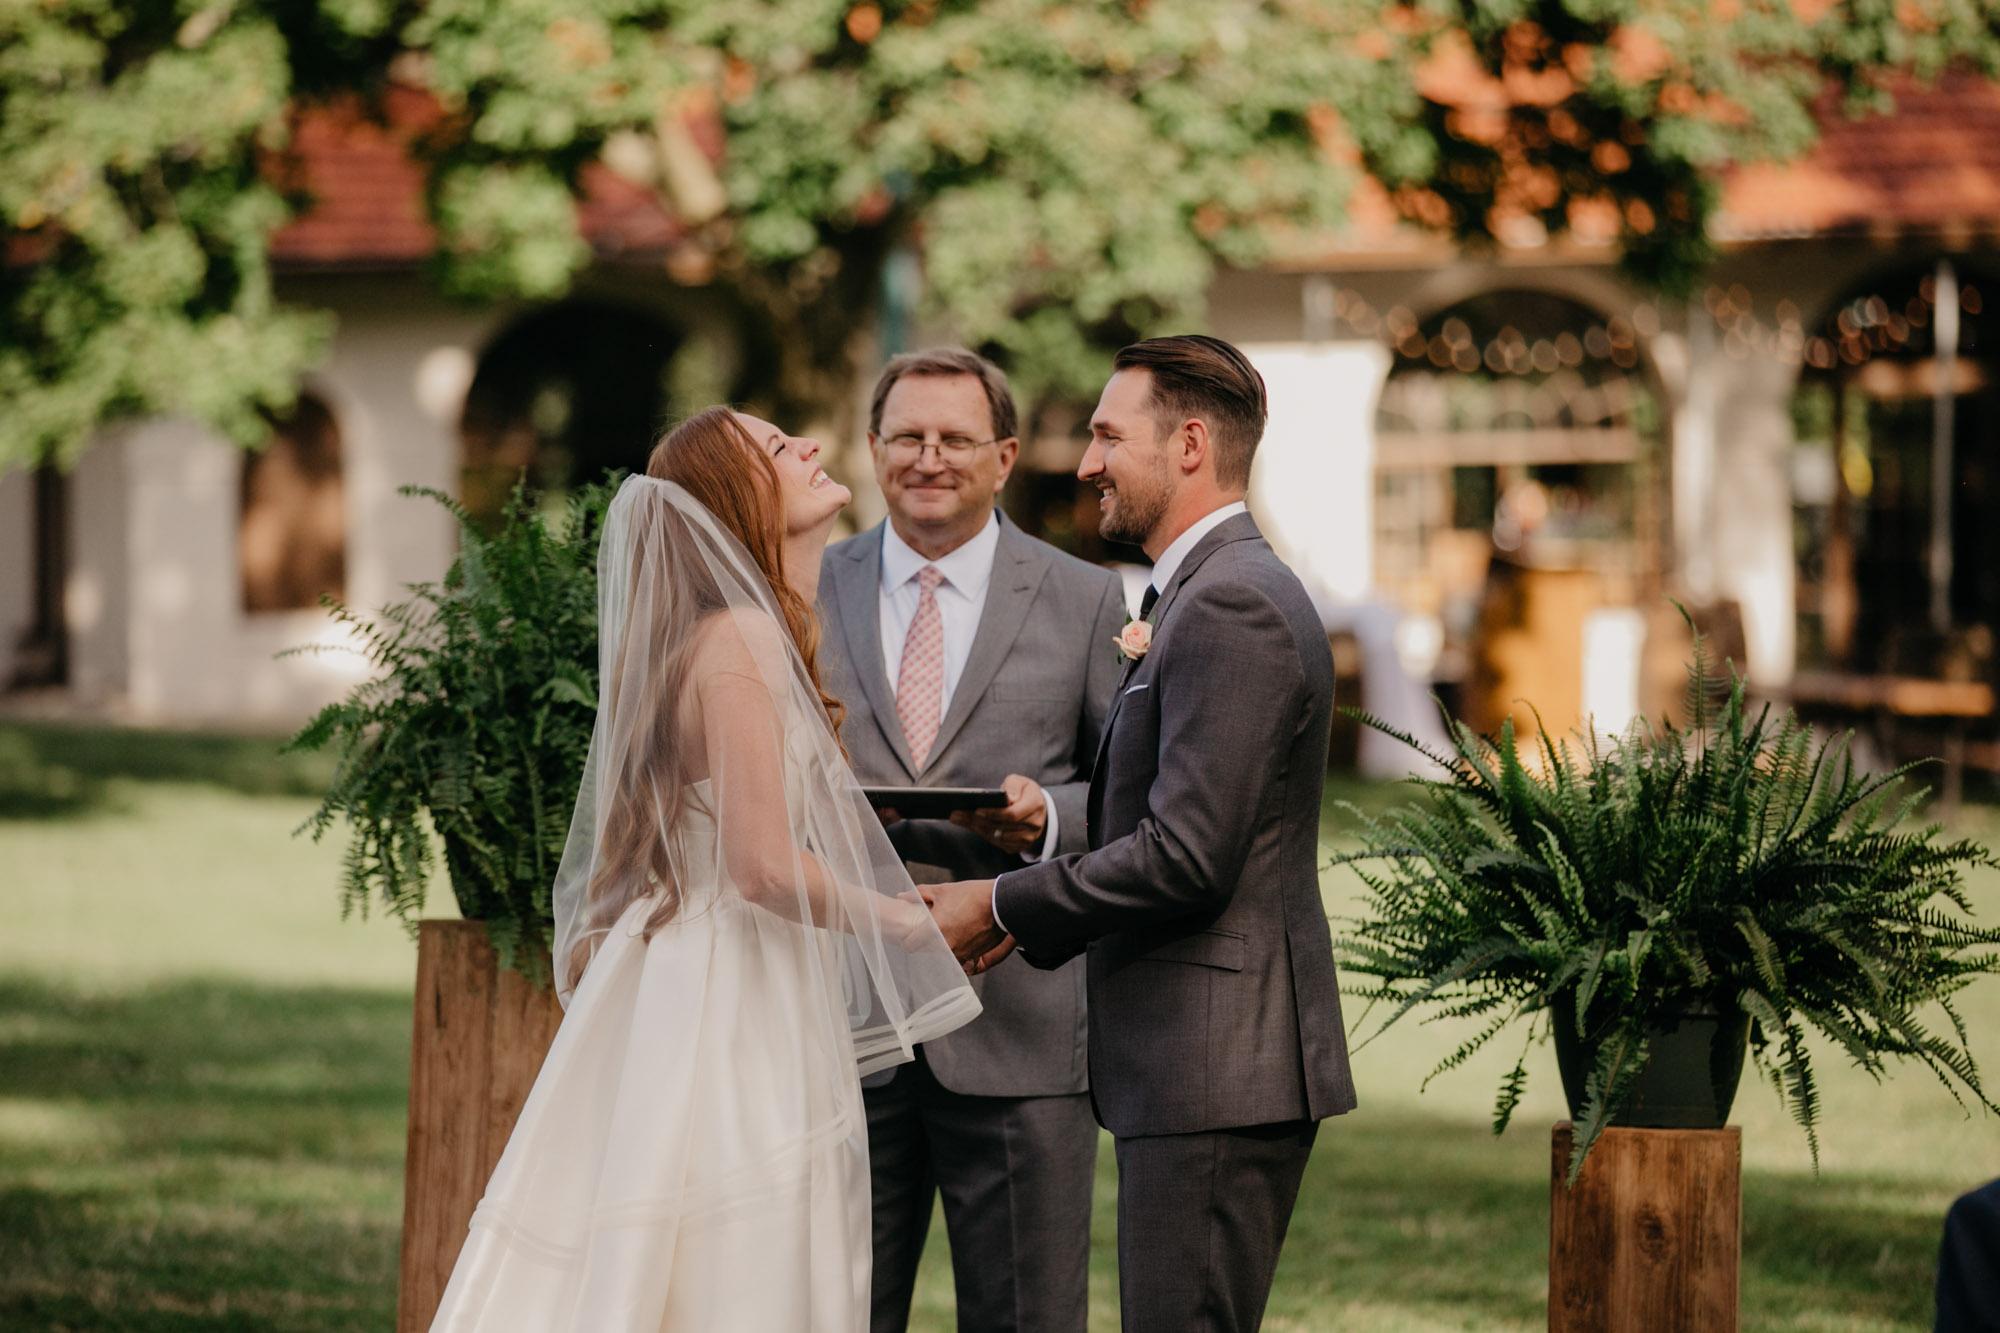 elmwood-park-wedding-photographer-nicole-jon-22.jpg